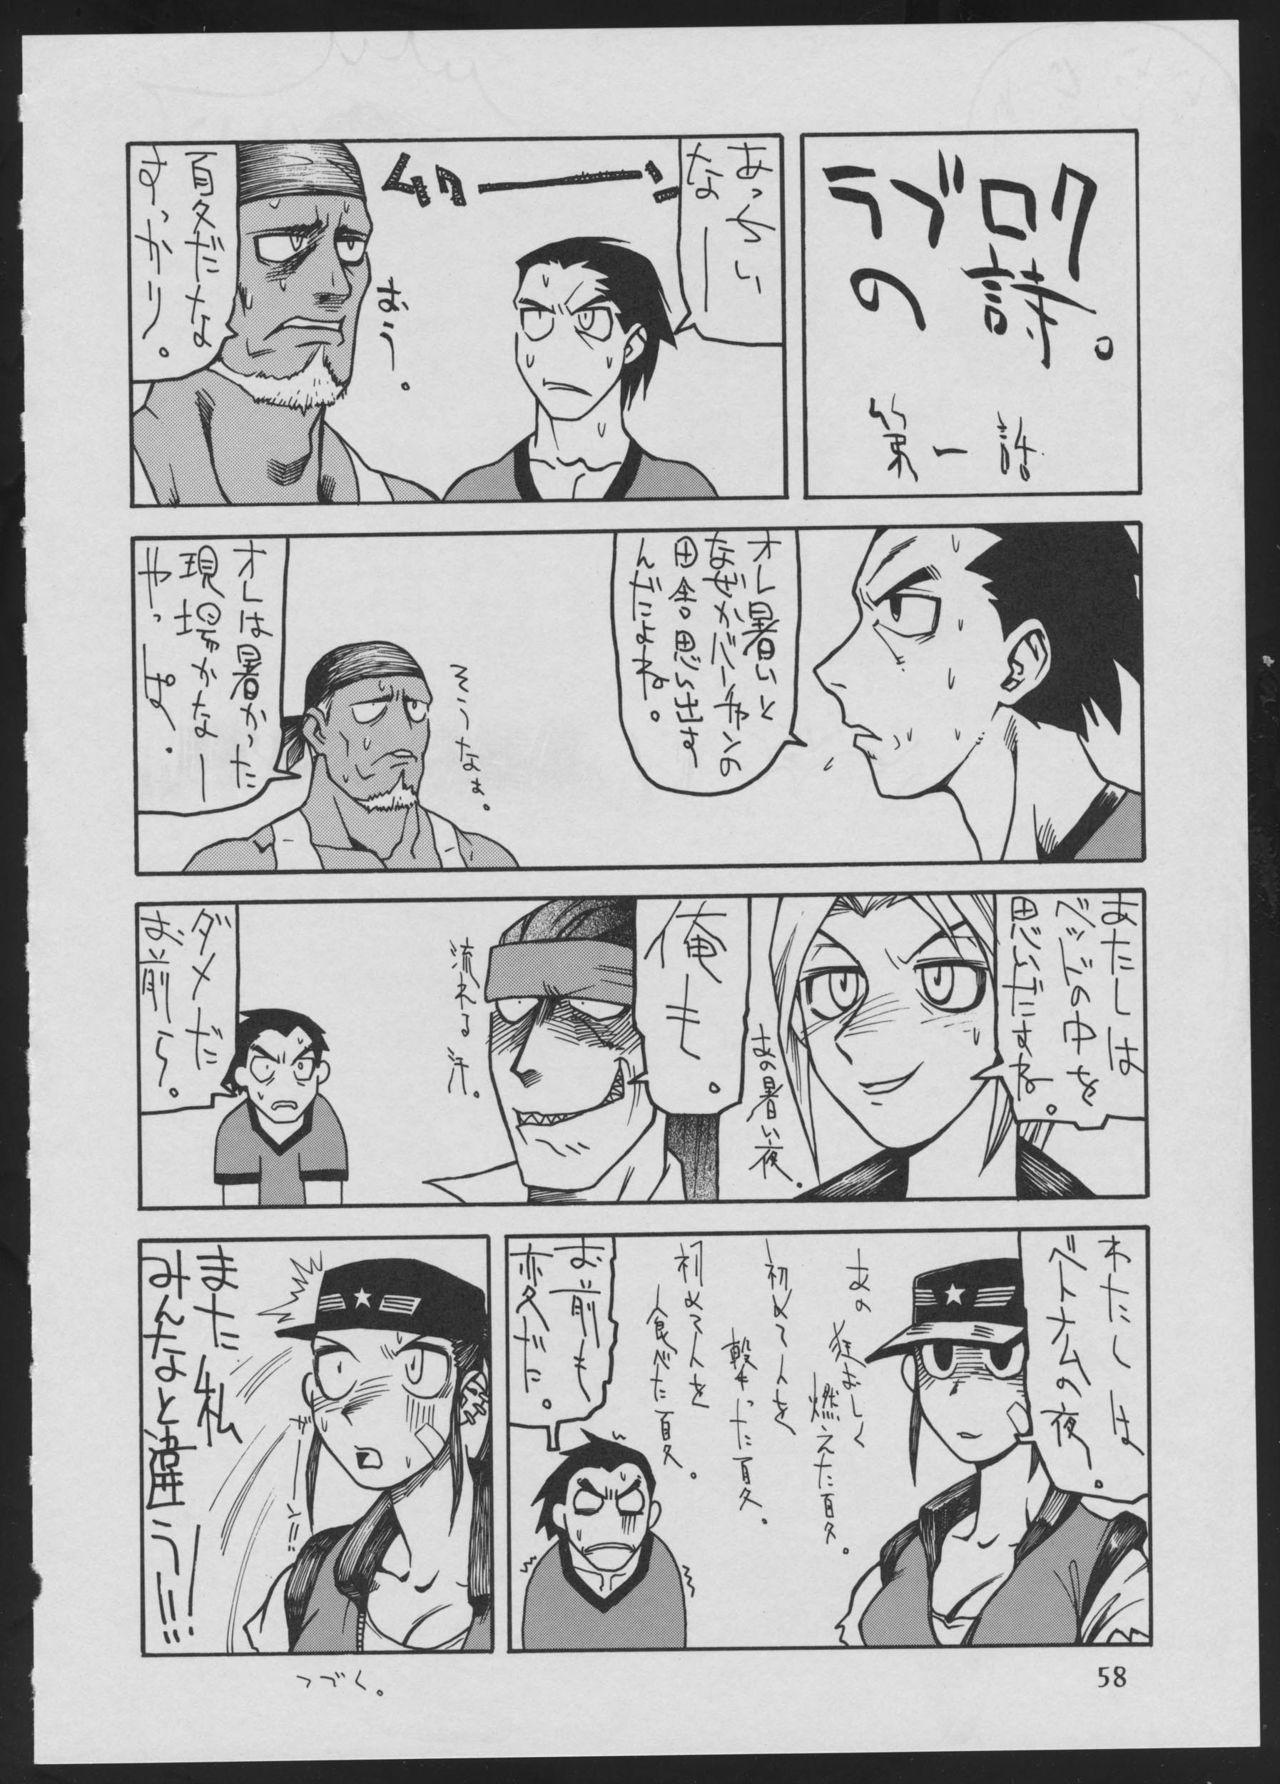 '96 Natsu no Game 18-kin Special 57